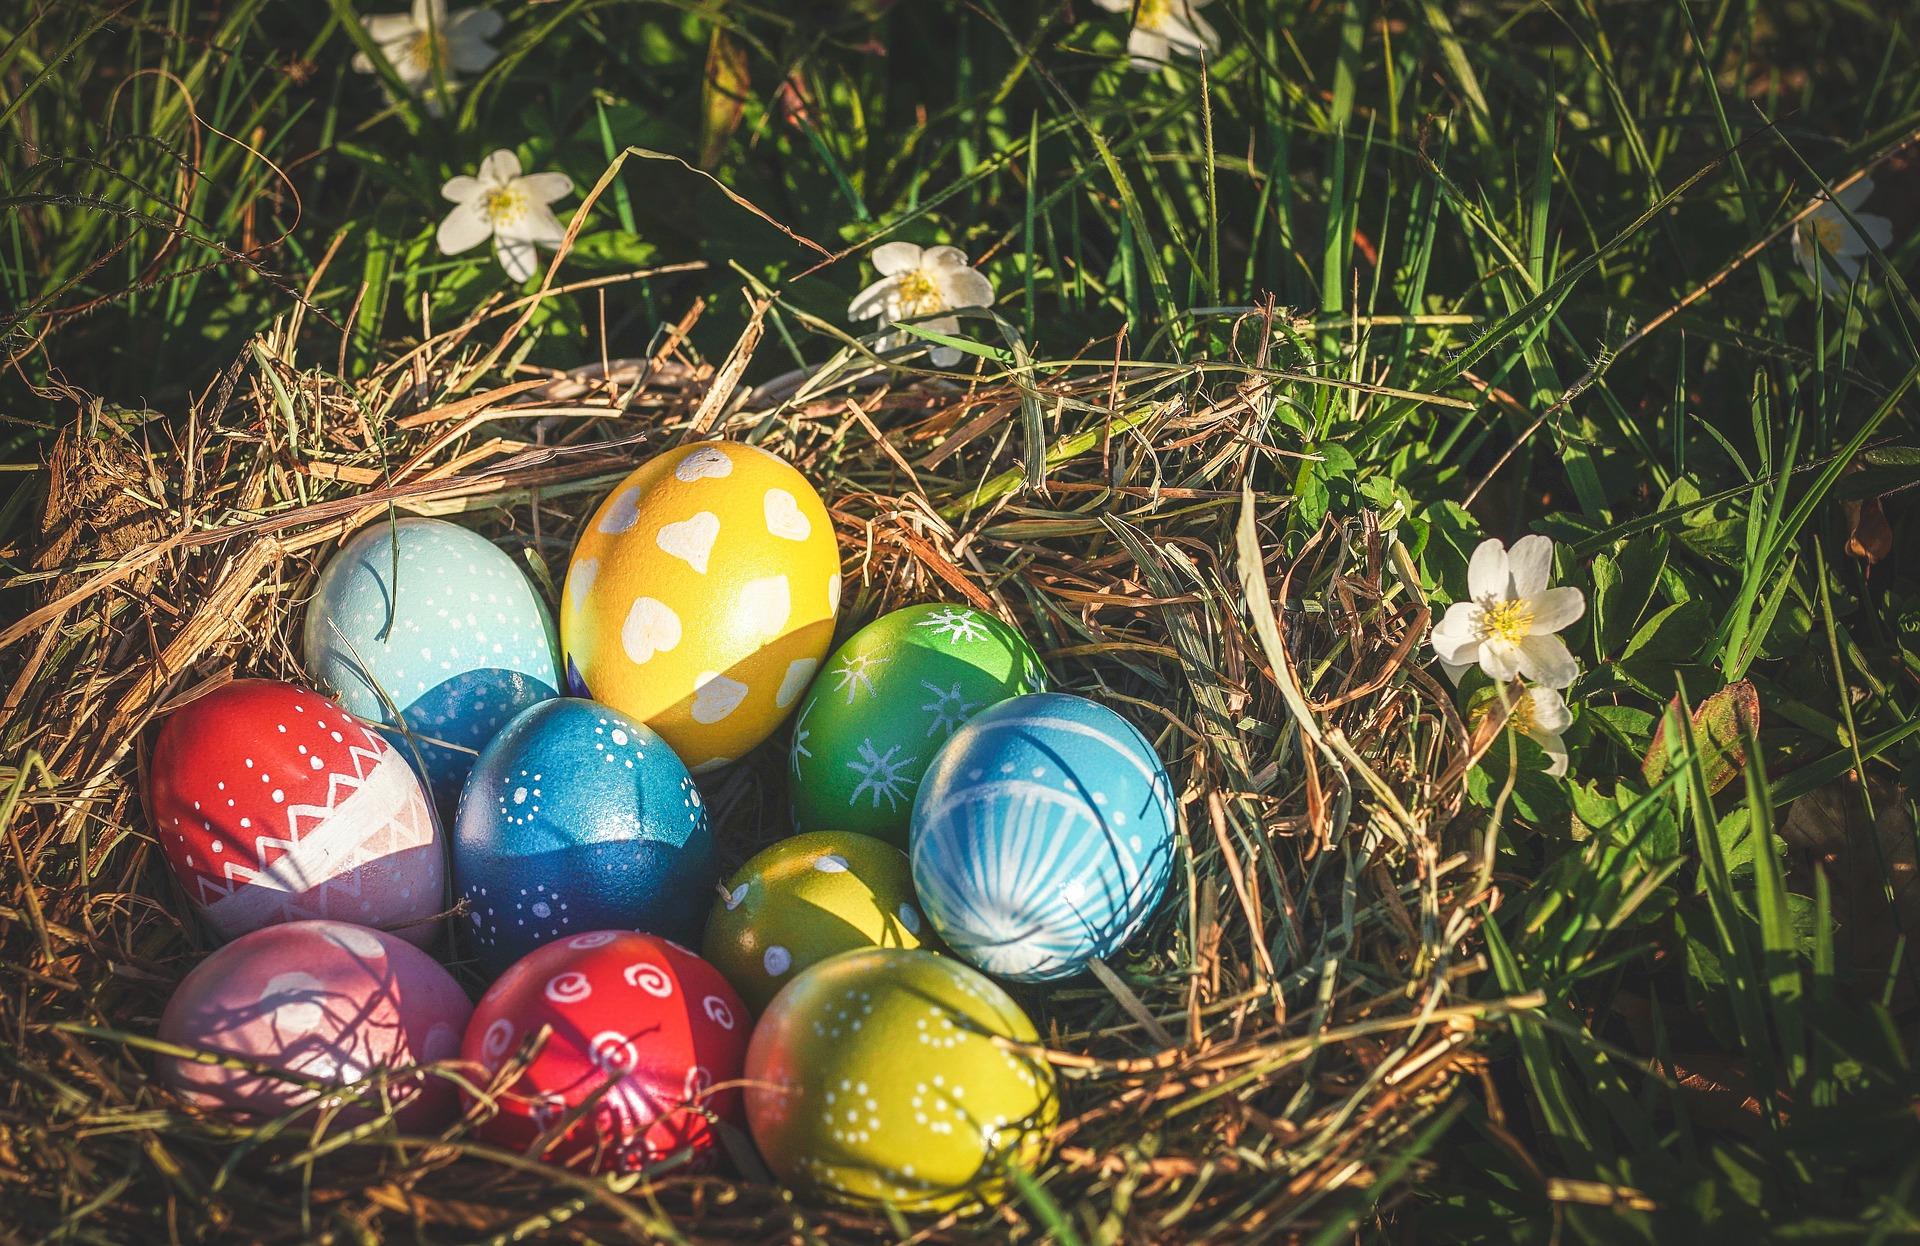 Желаем радости,добра, любви и счастья! Христос Воскрес!